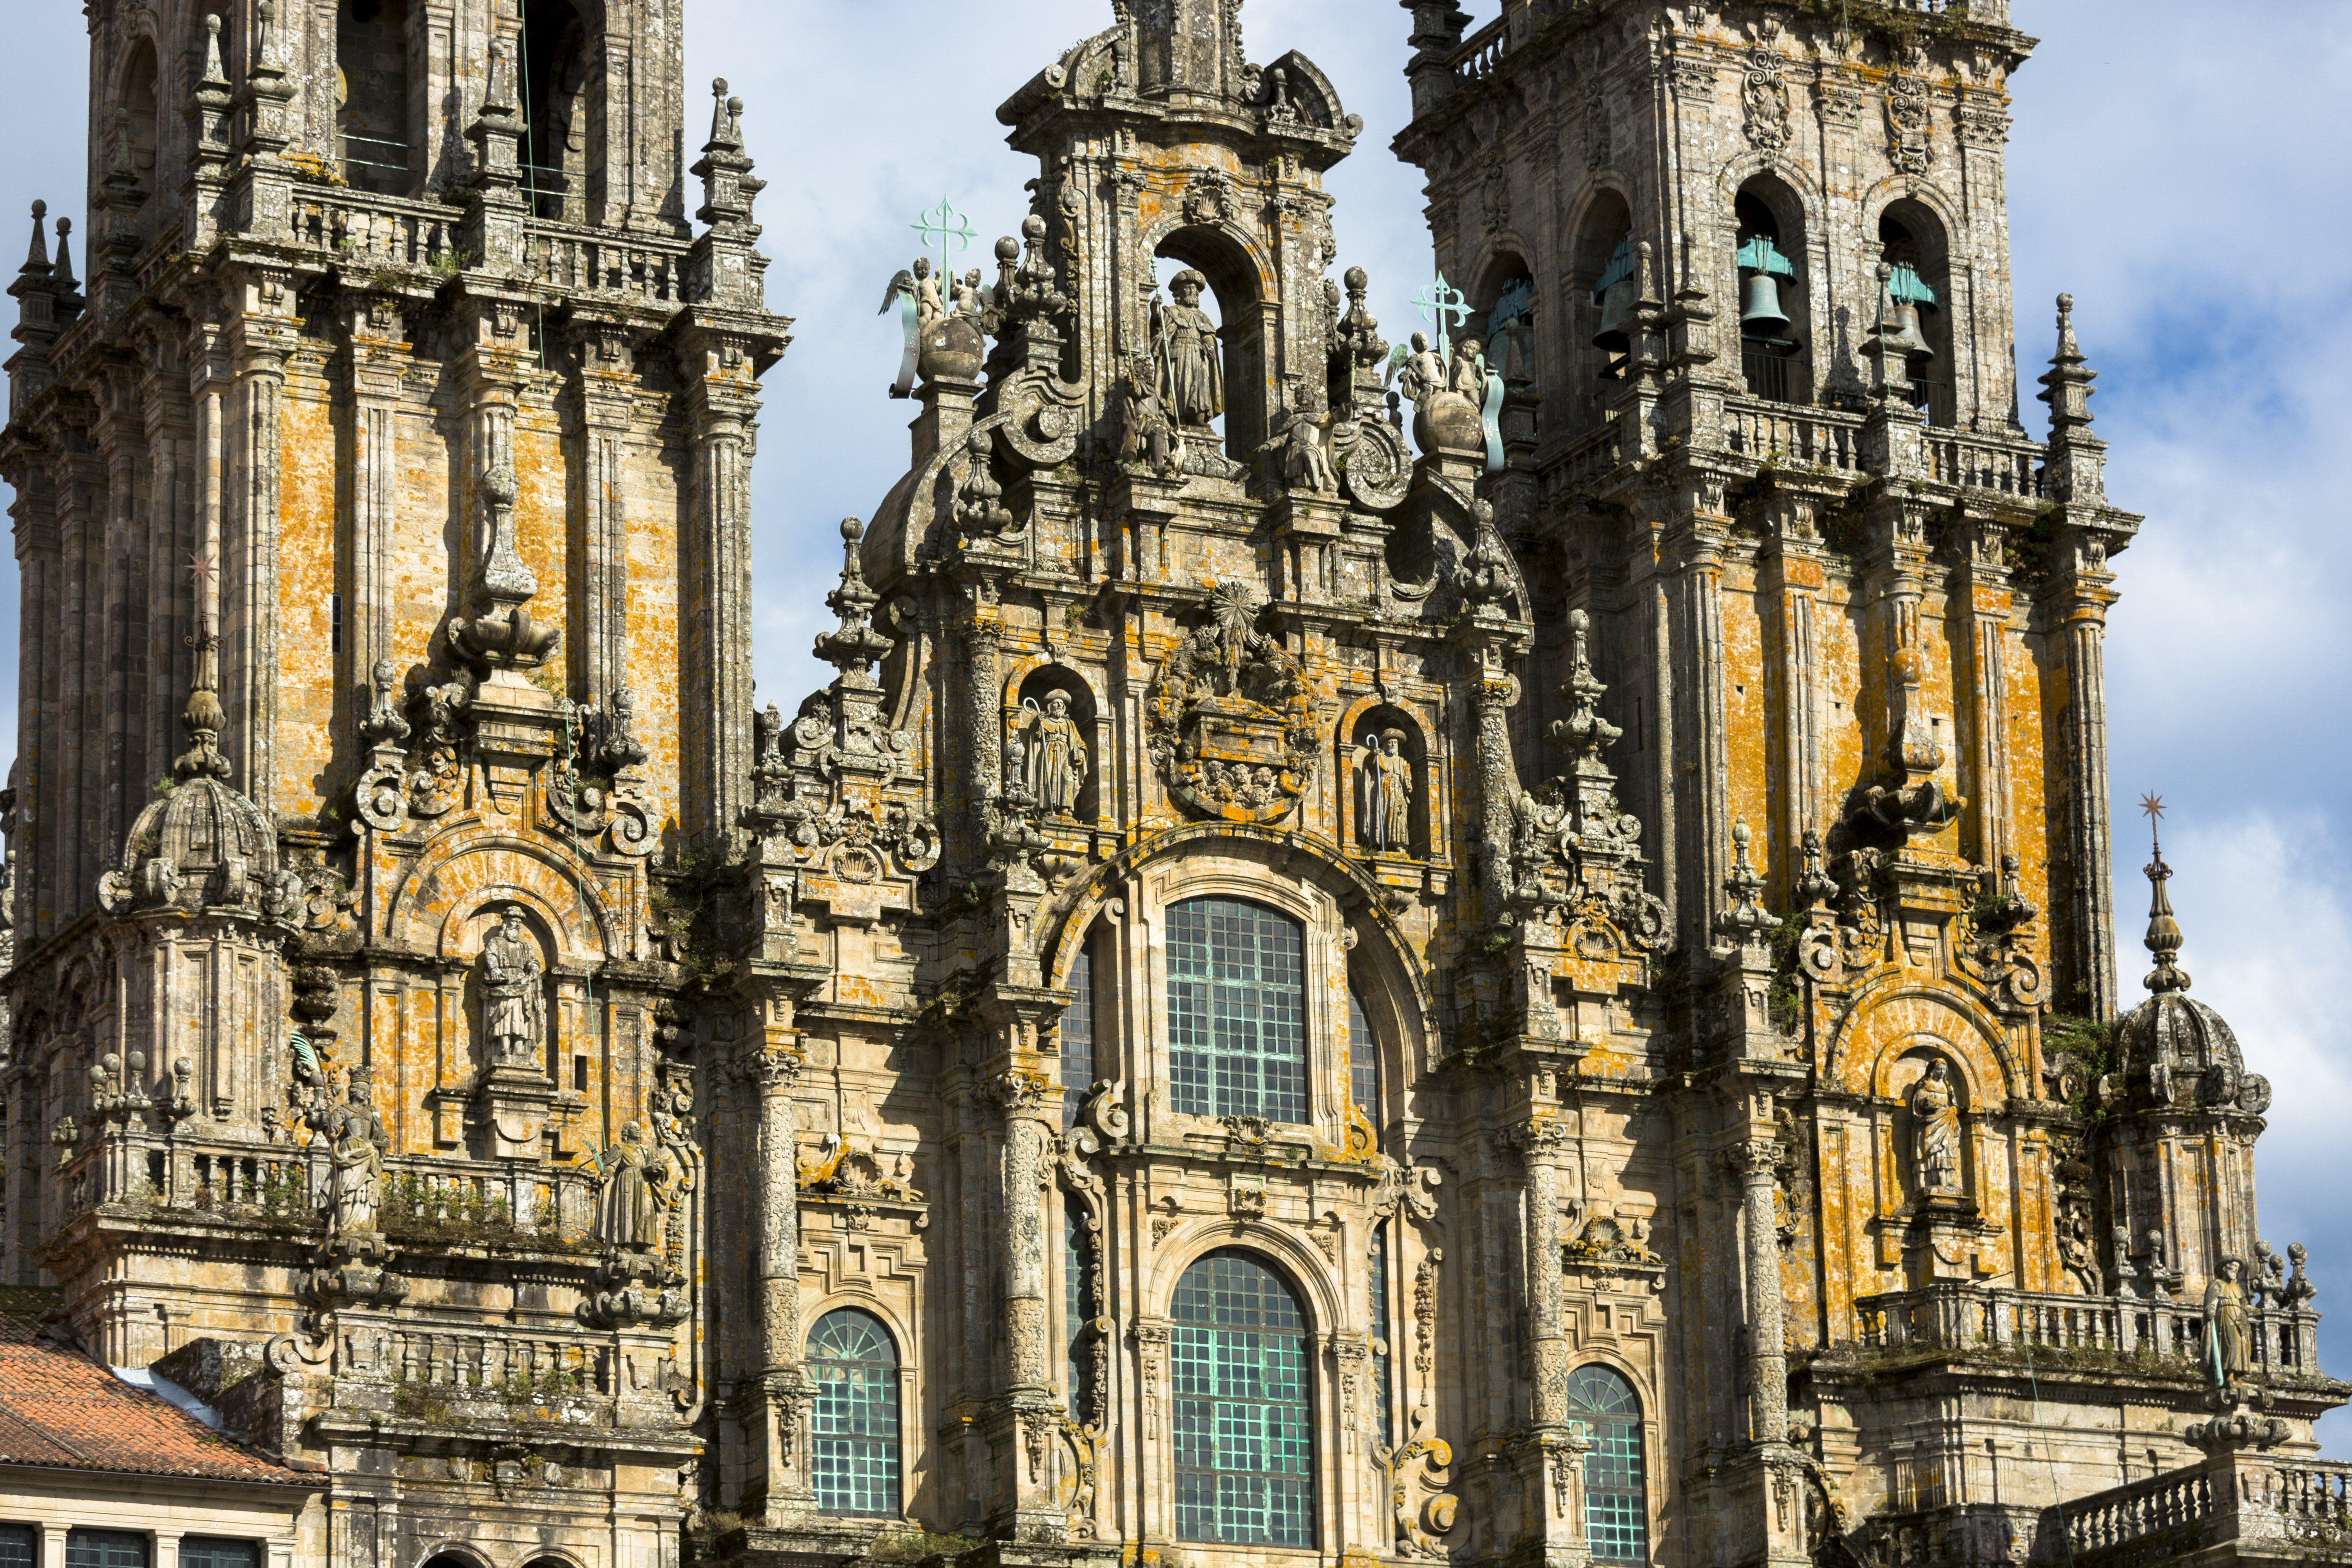 Facade do Obradoiro at the Cathedral Santiago de Compostela, Spain